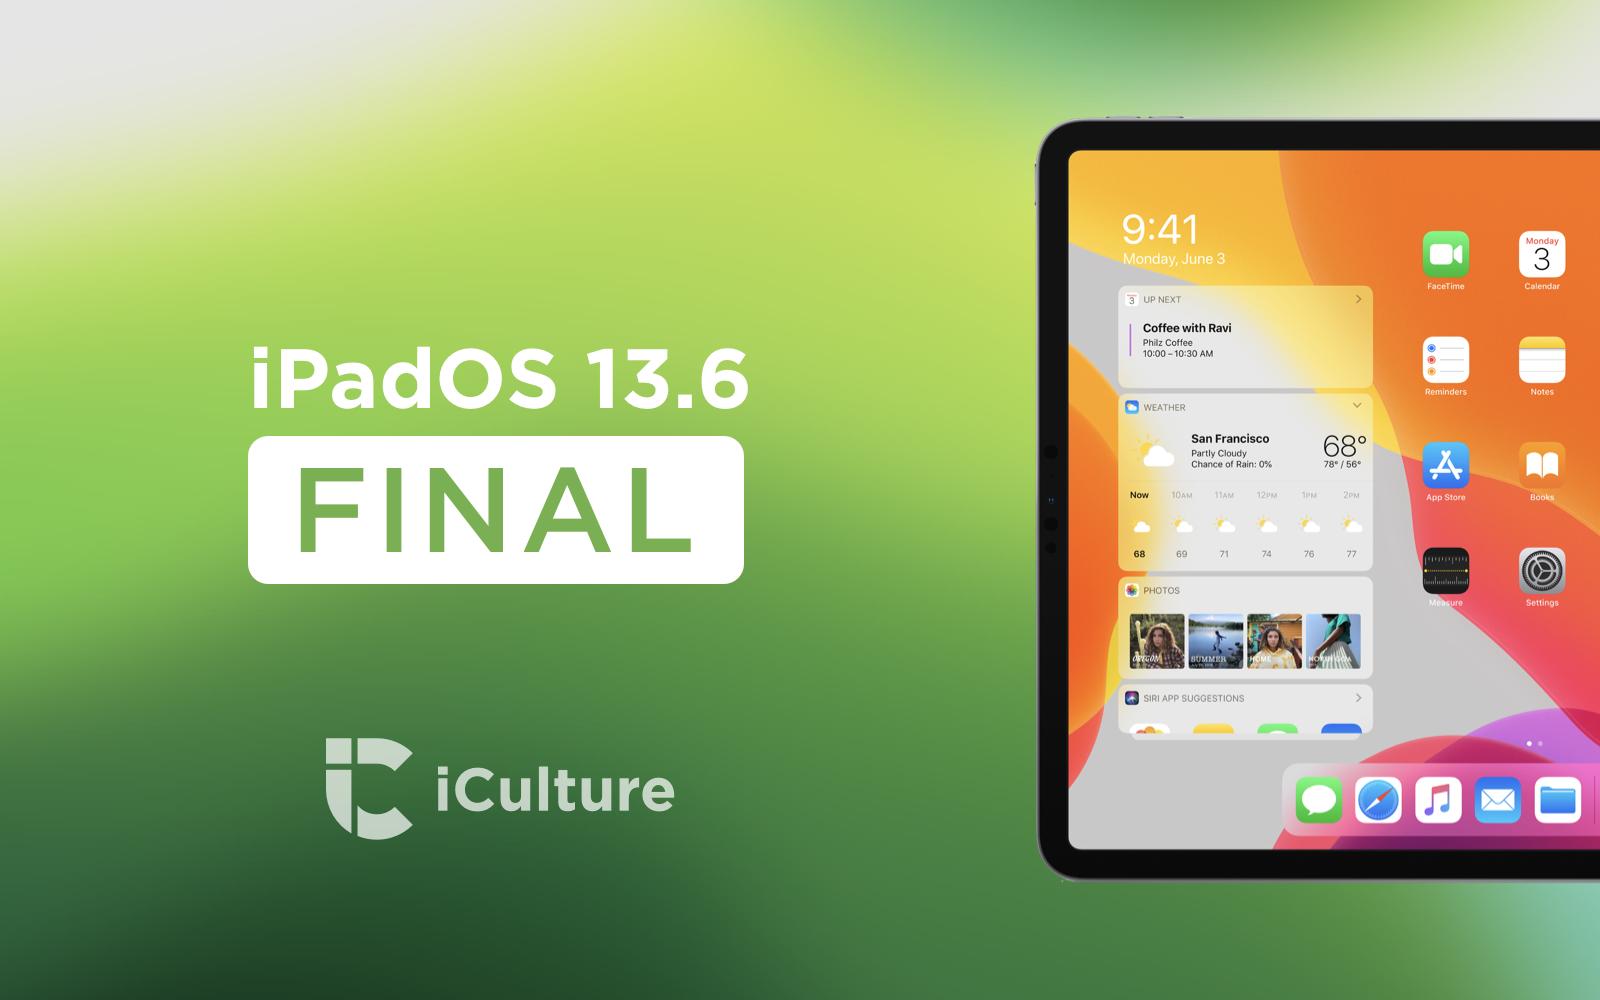 iPadOS 13.6 Final.